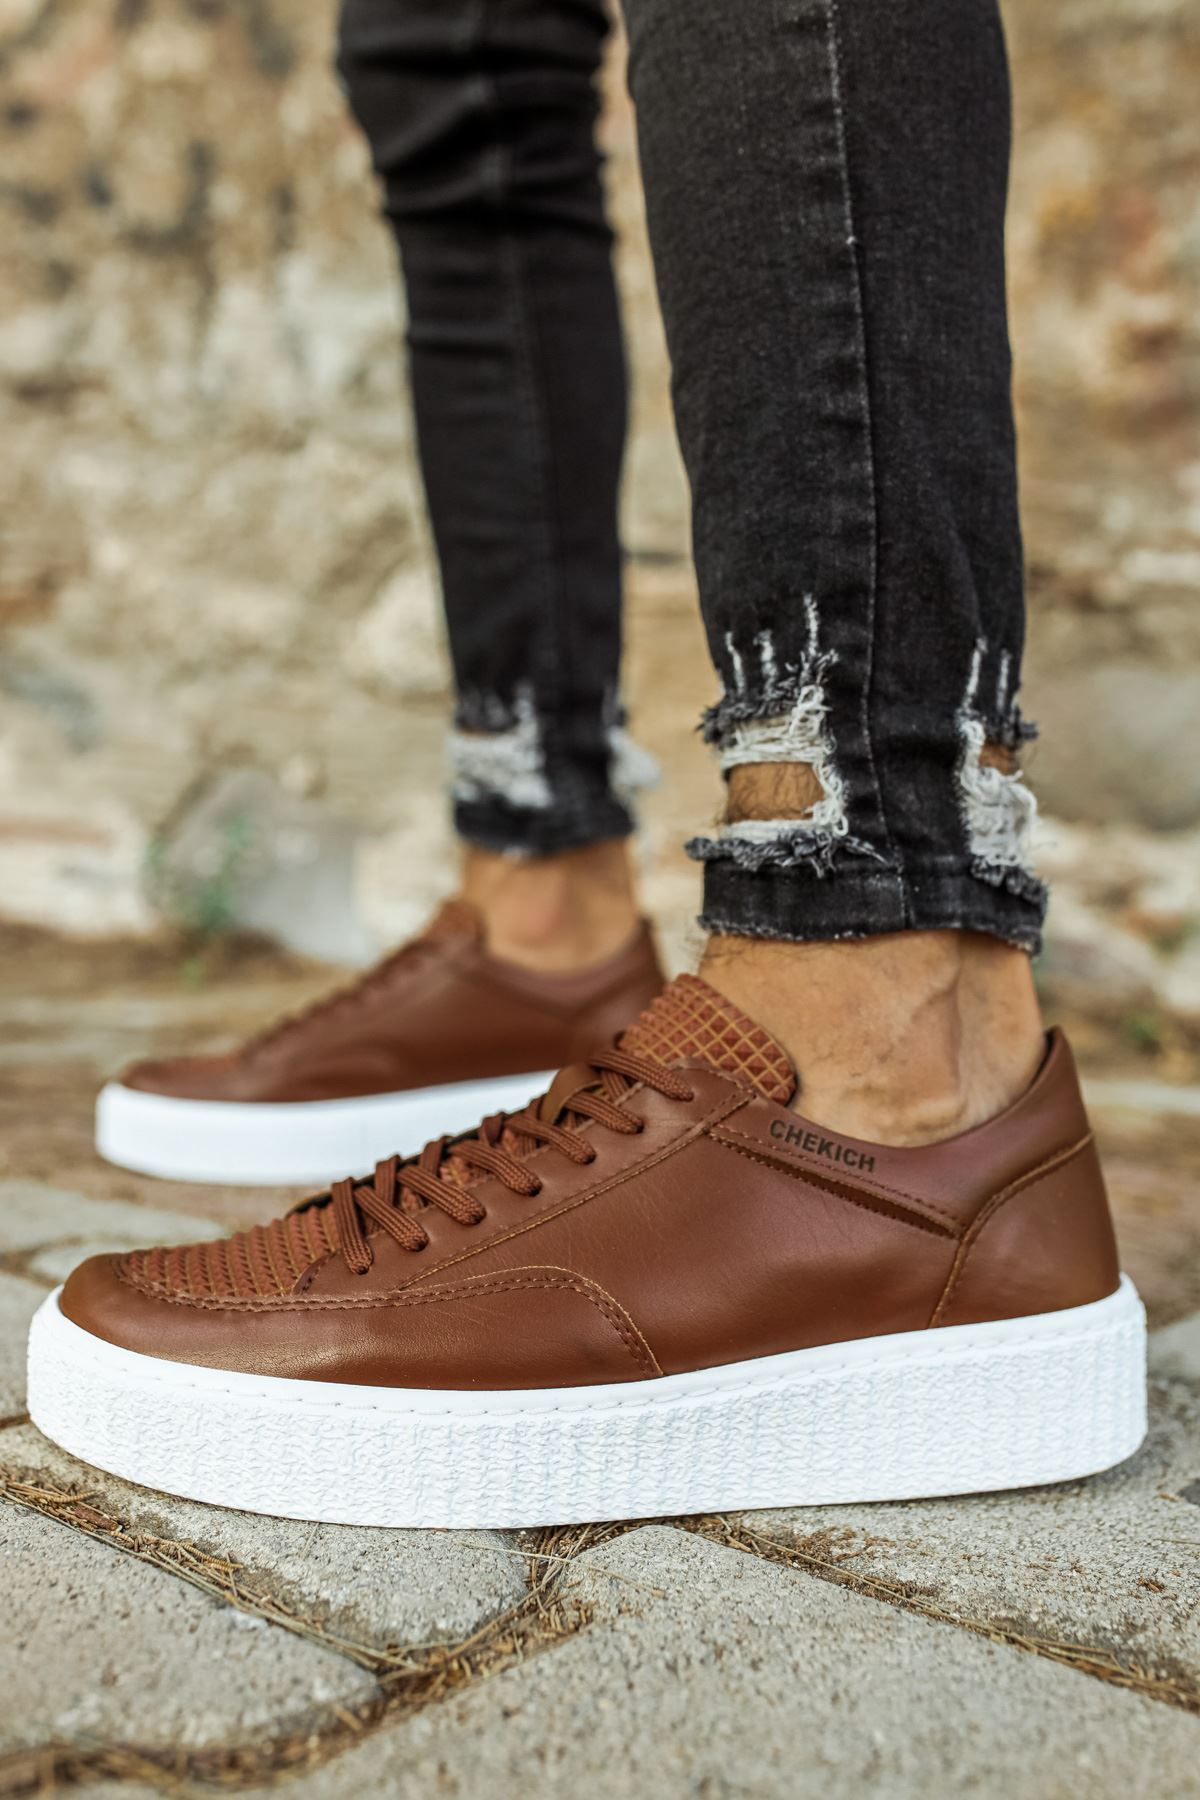 Chekich CH017 BT Erkek Ayakkabı TABA